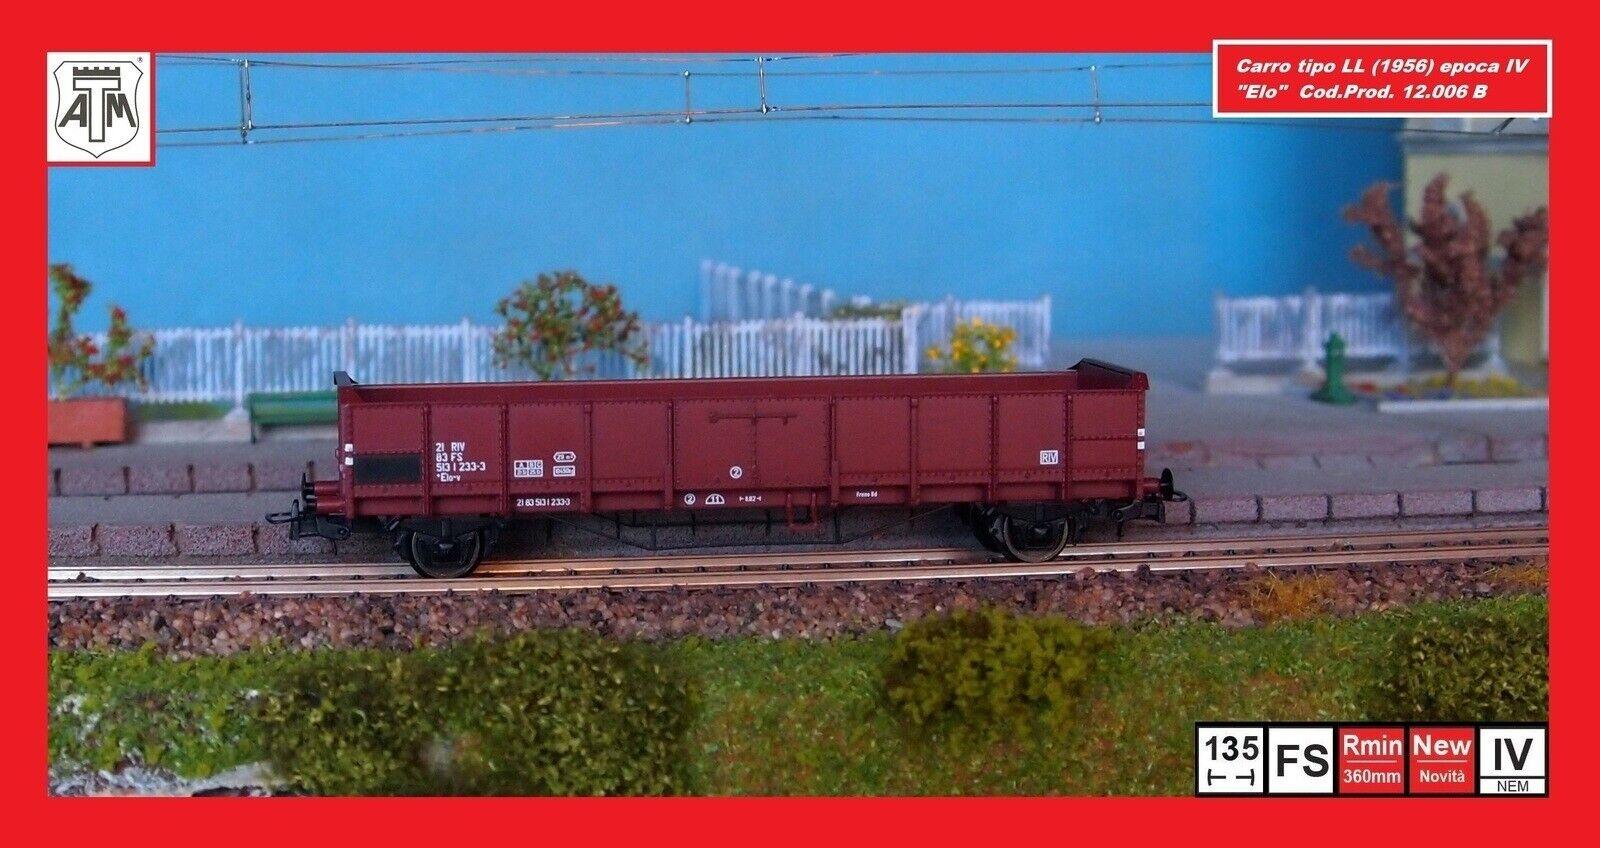 Atm Cf 12.006 B Wagon Ll Typ 1956 A Ware Hoch, Markierung Uic FS